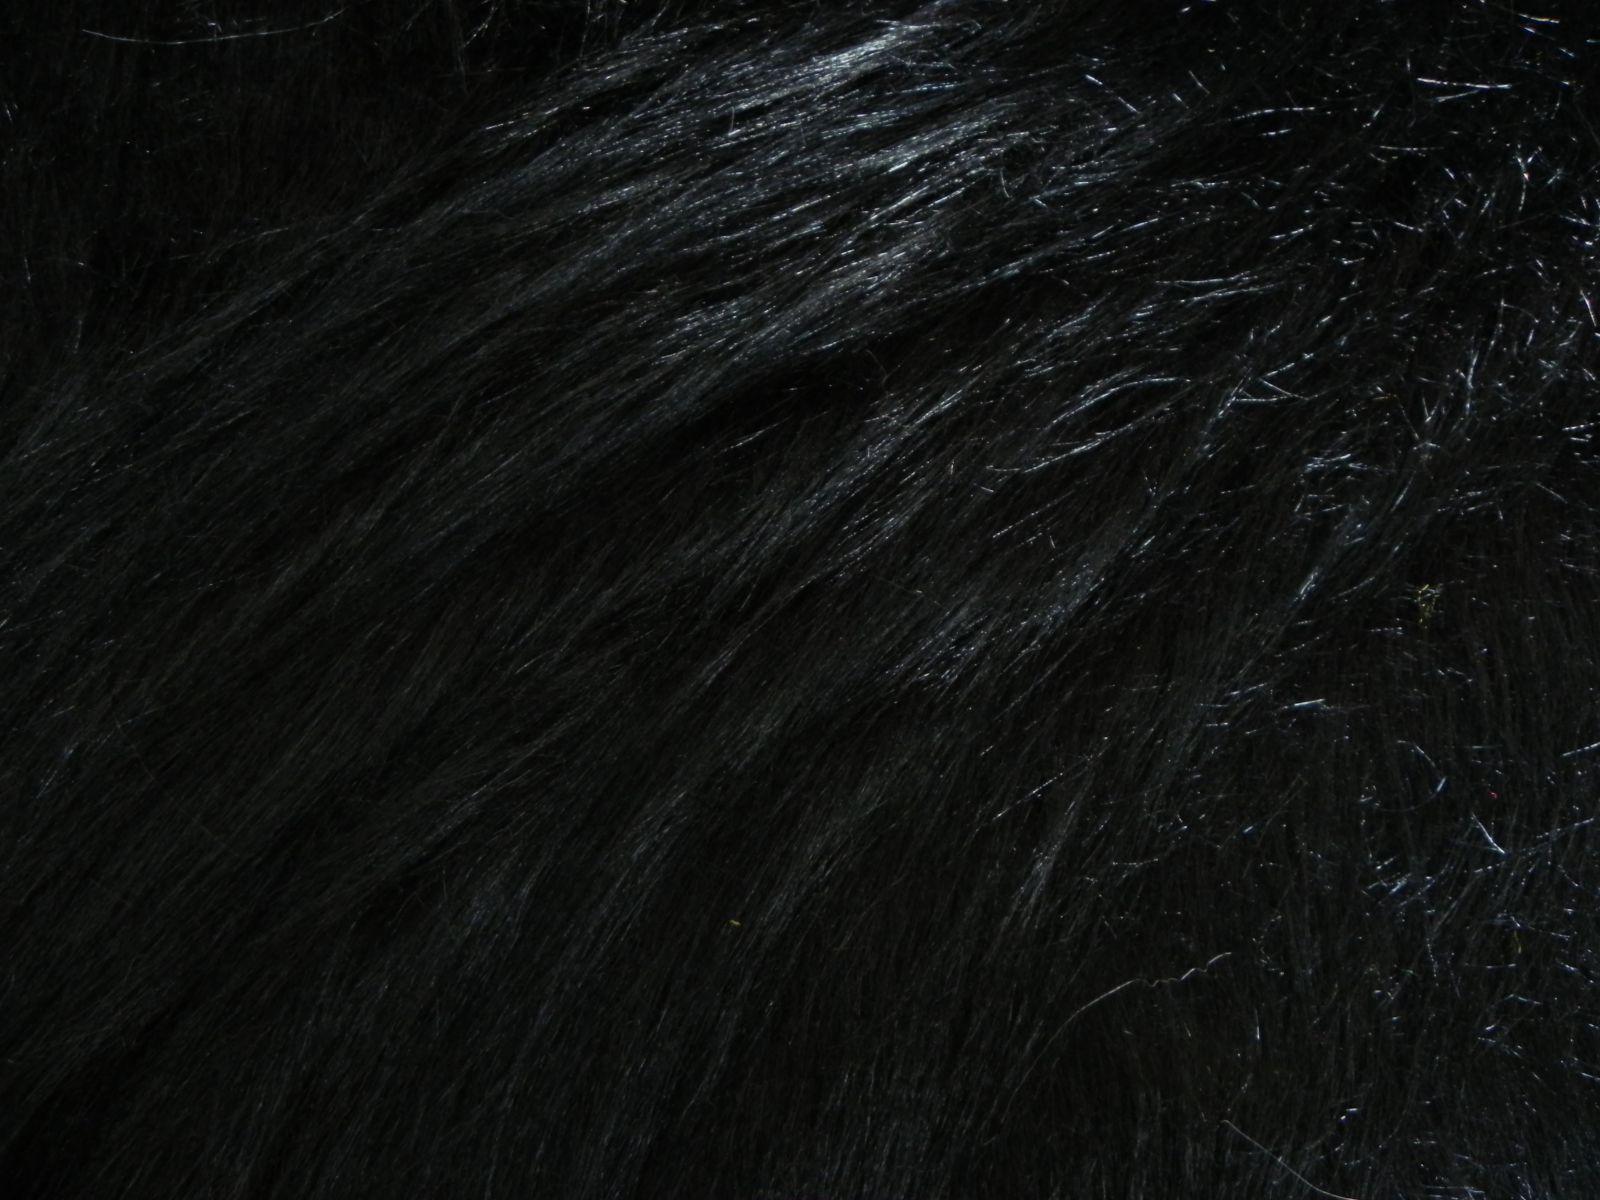 Umělá kožešina metráž, černá, 90mm vlas, š. 147cm